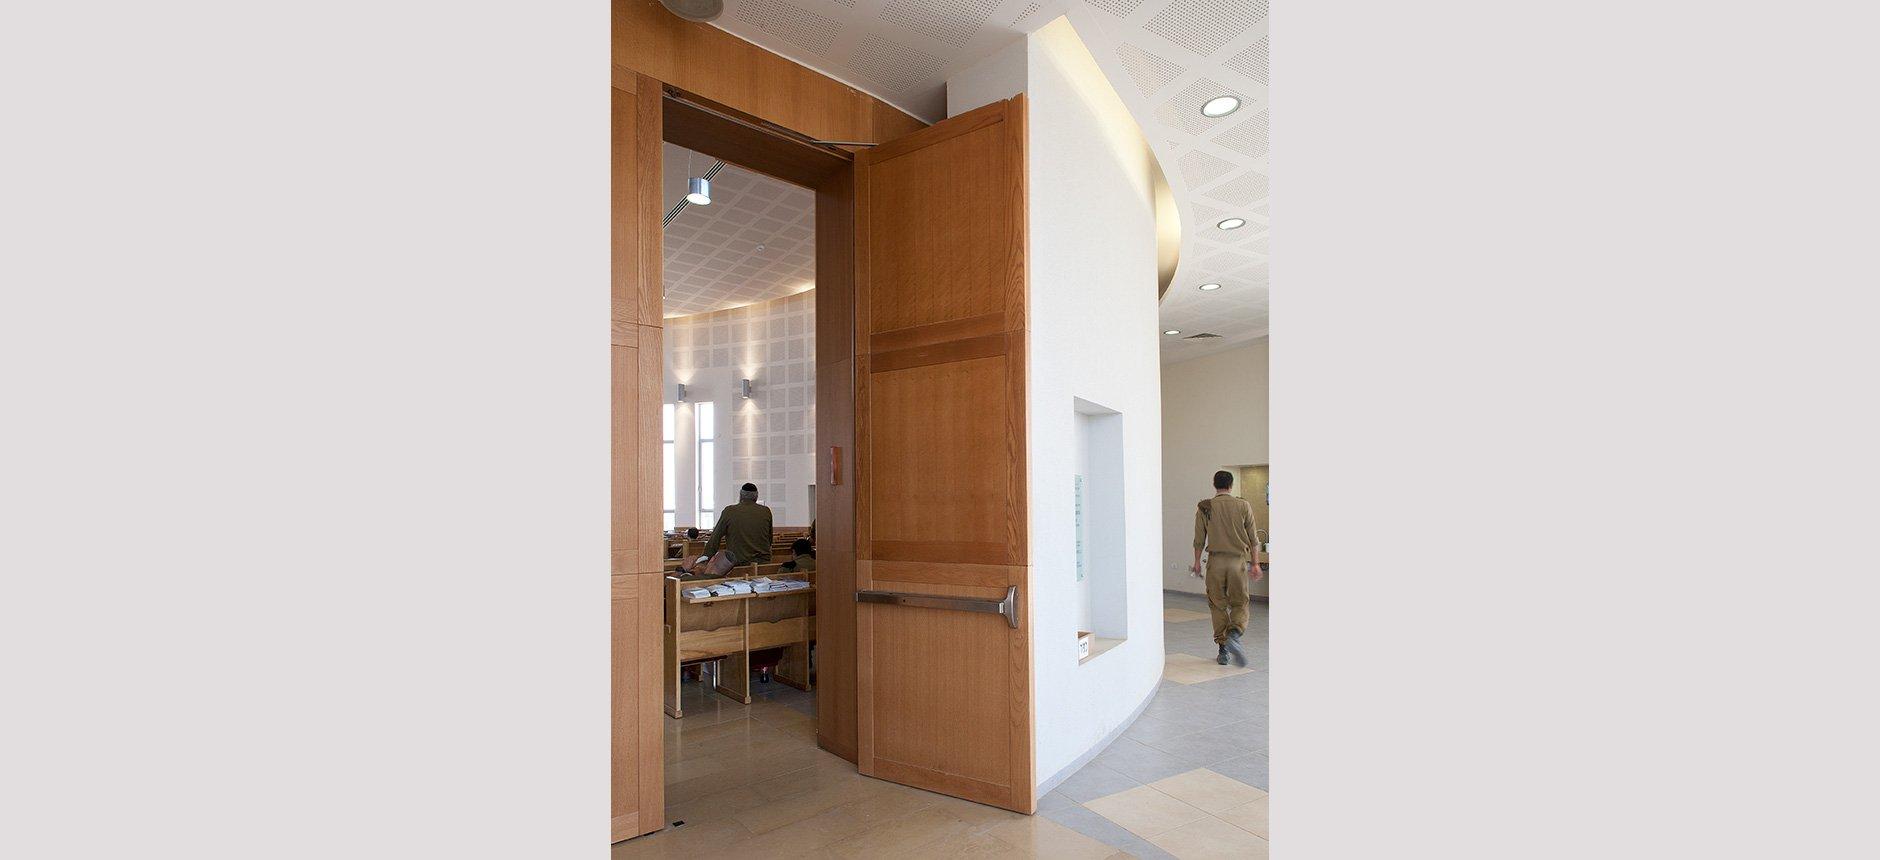 משרד אדריכולת לתכנון בית כנסת